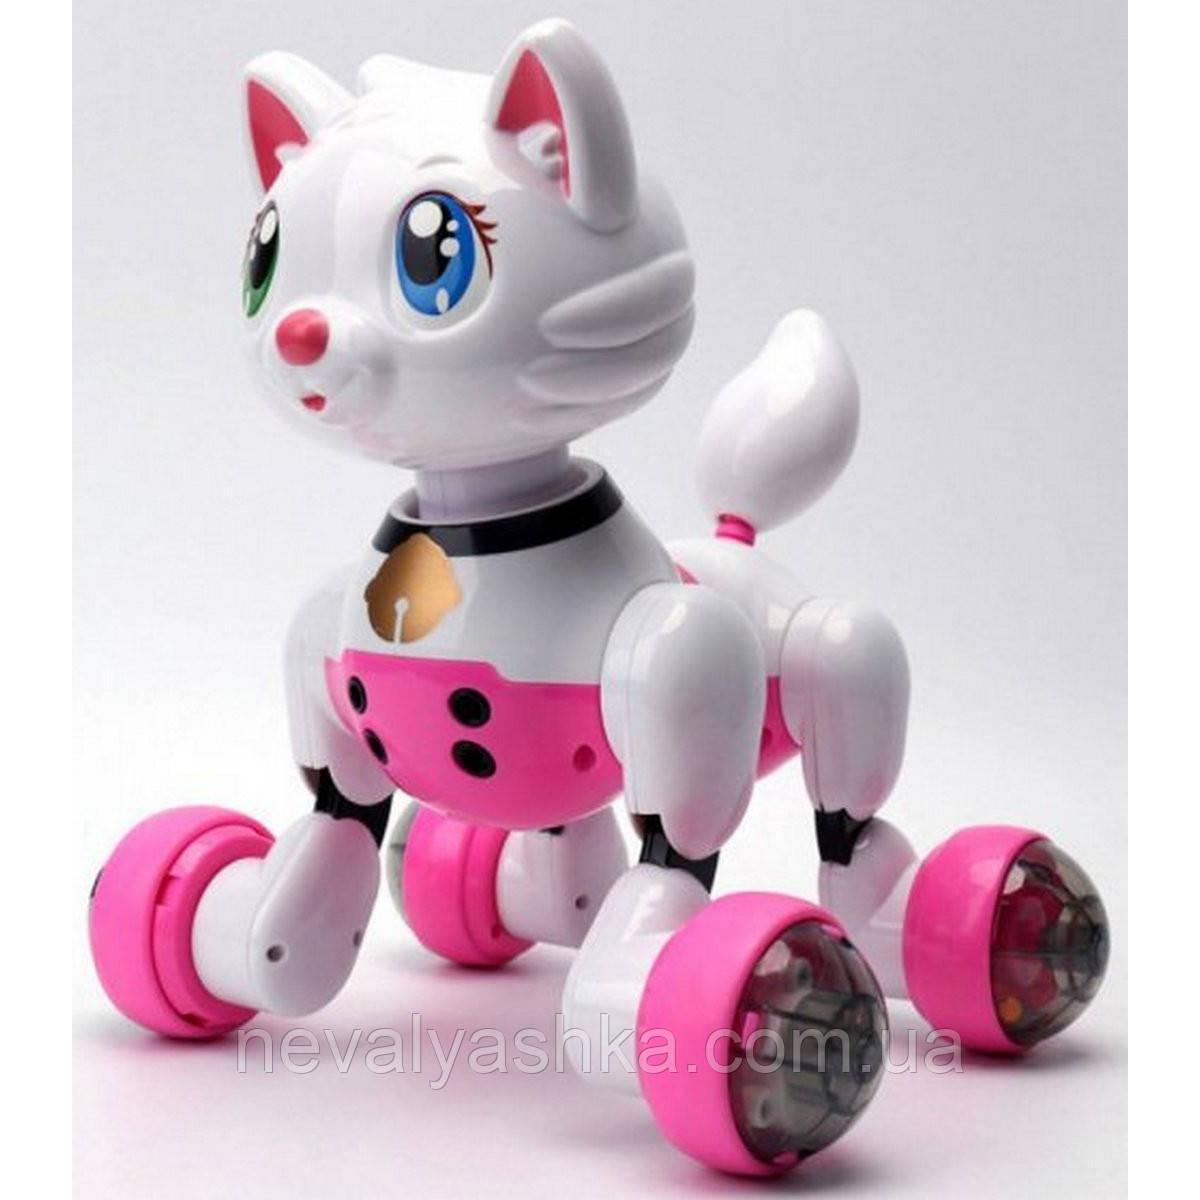 Кошечка животное на радиоуправлении, кошка на пульте управления,кот р/у, MG013-14, 006179